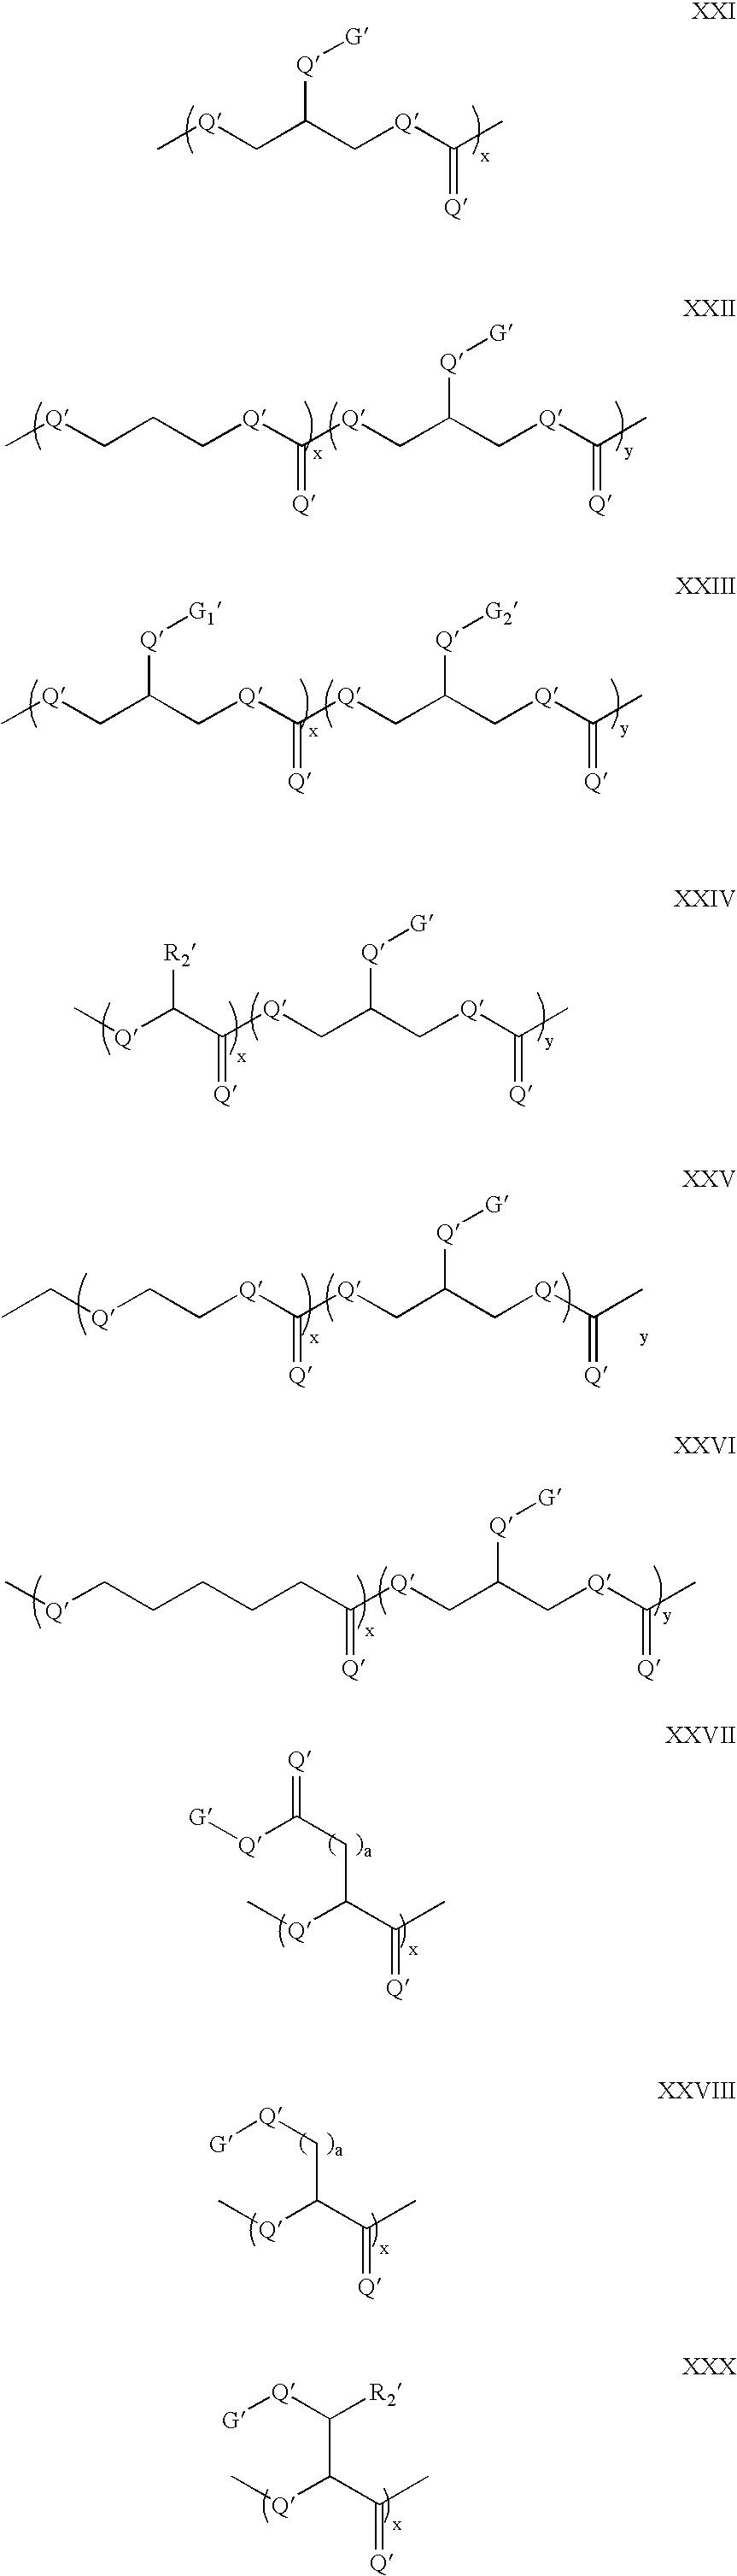 Figure US07671095-20100302-C00005